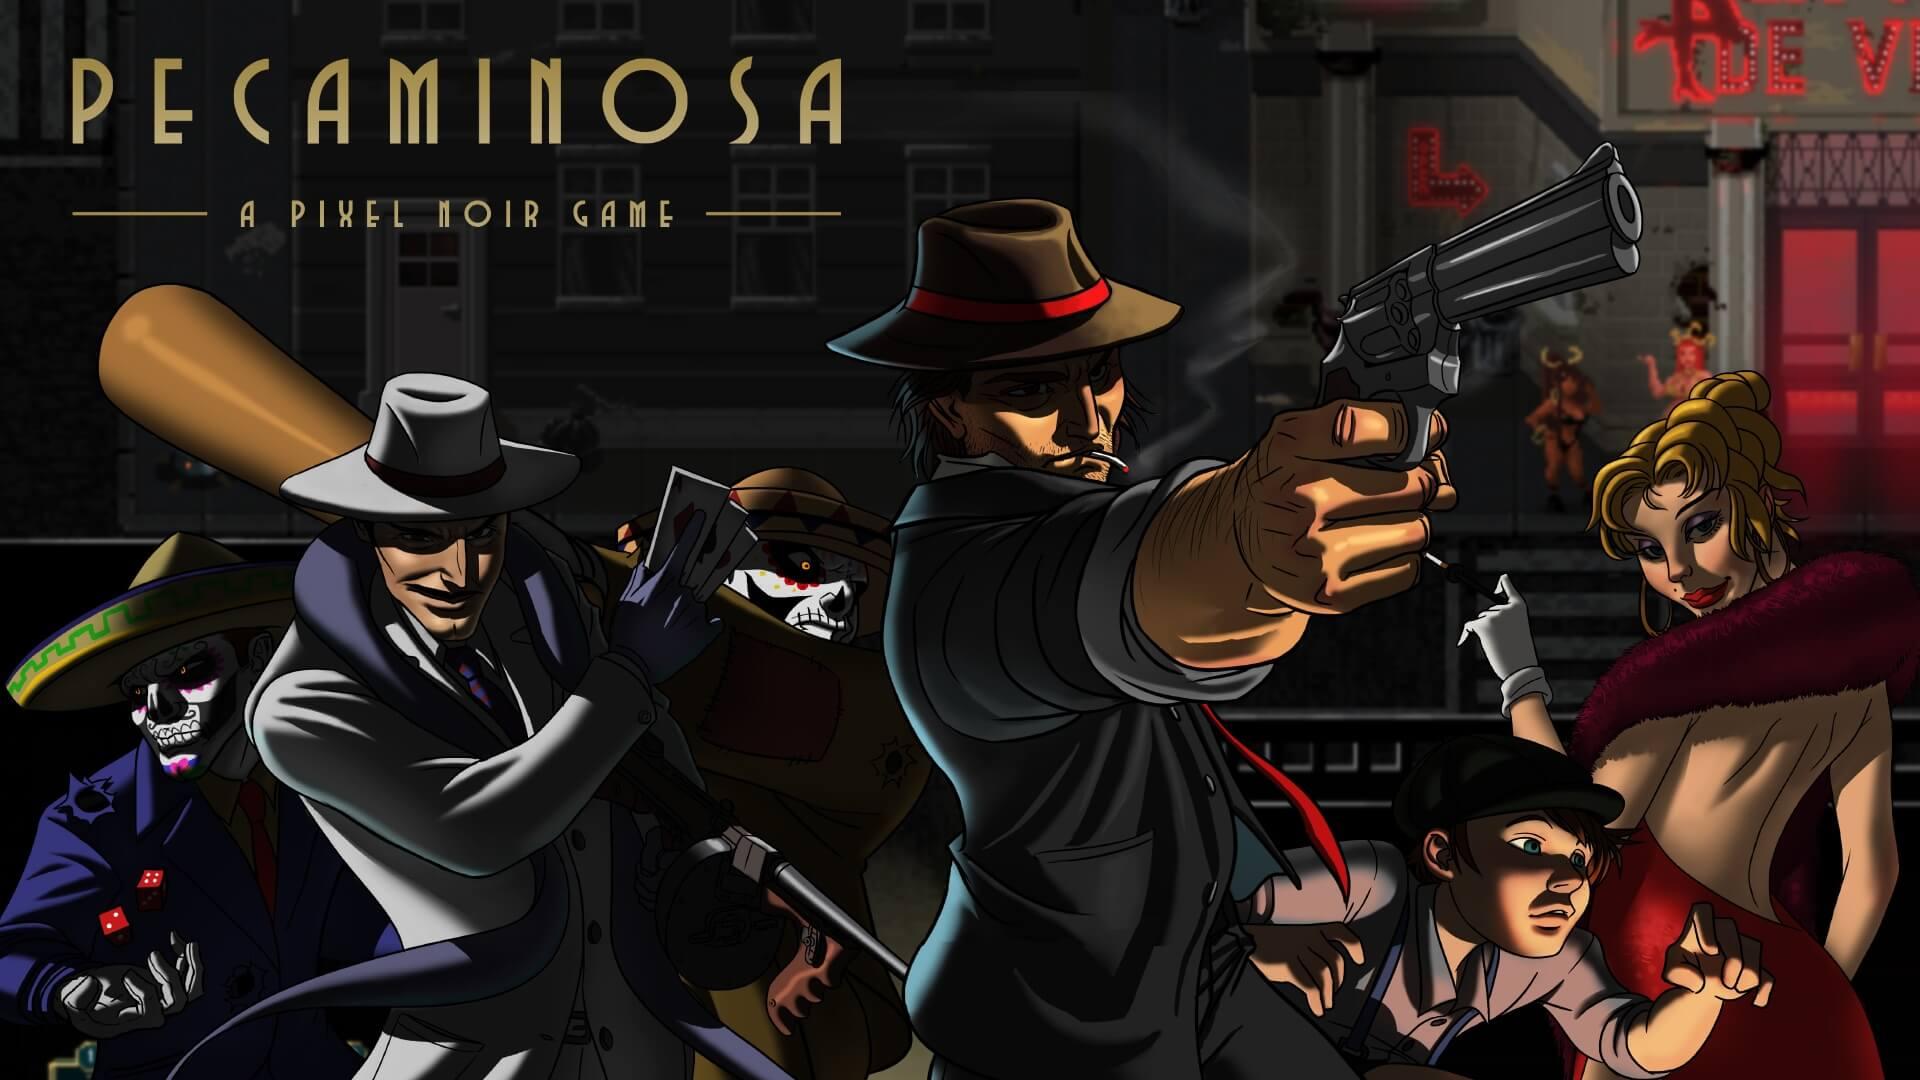 Análisis Pecaminosa: a pixel noir game